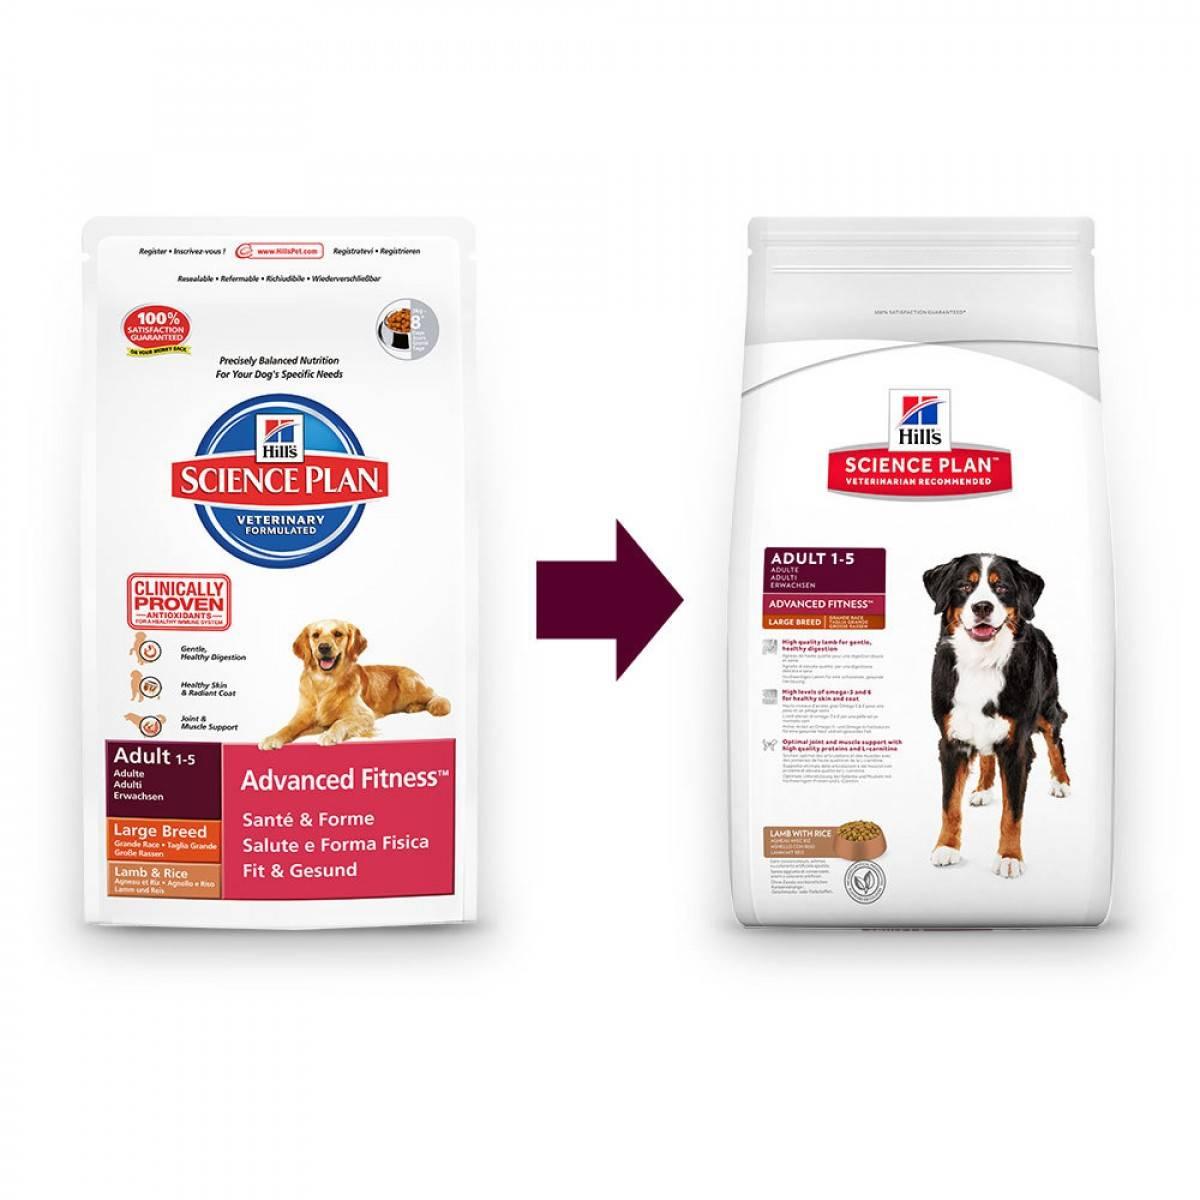 Холистик корма для собак и корма из натуральных ингредиентов | hill's